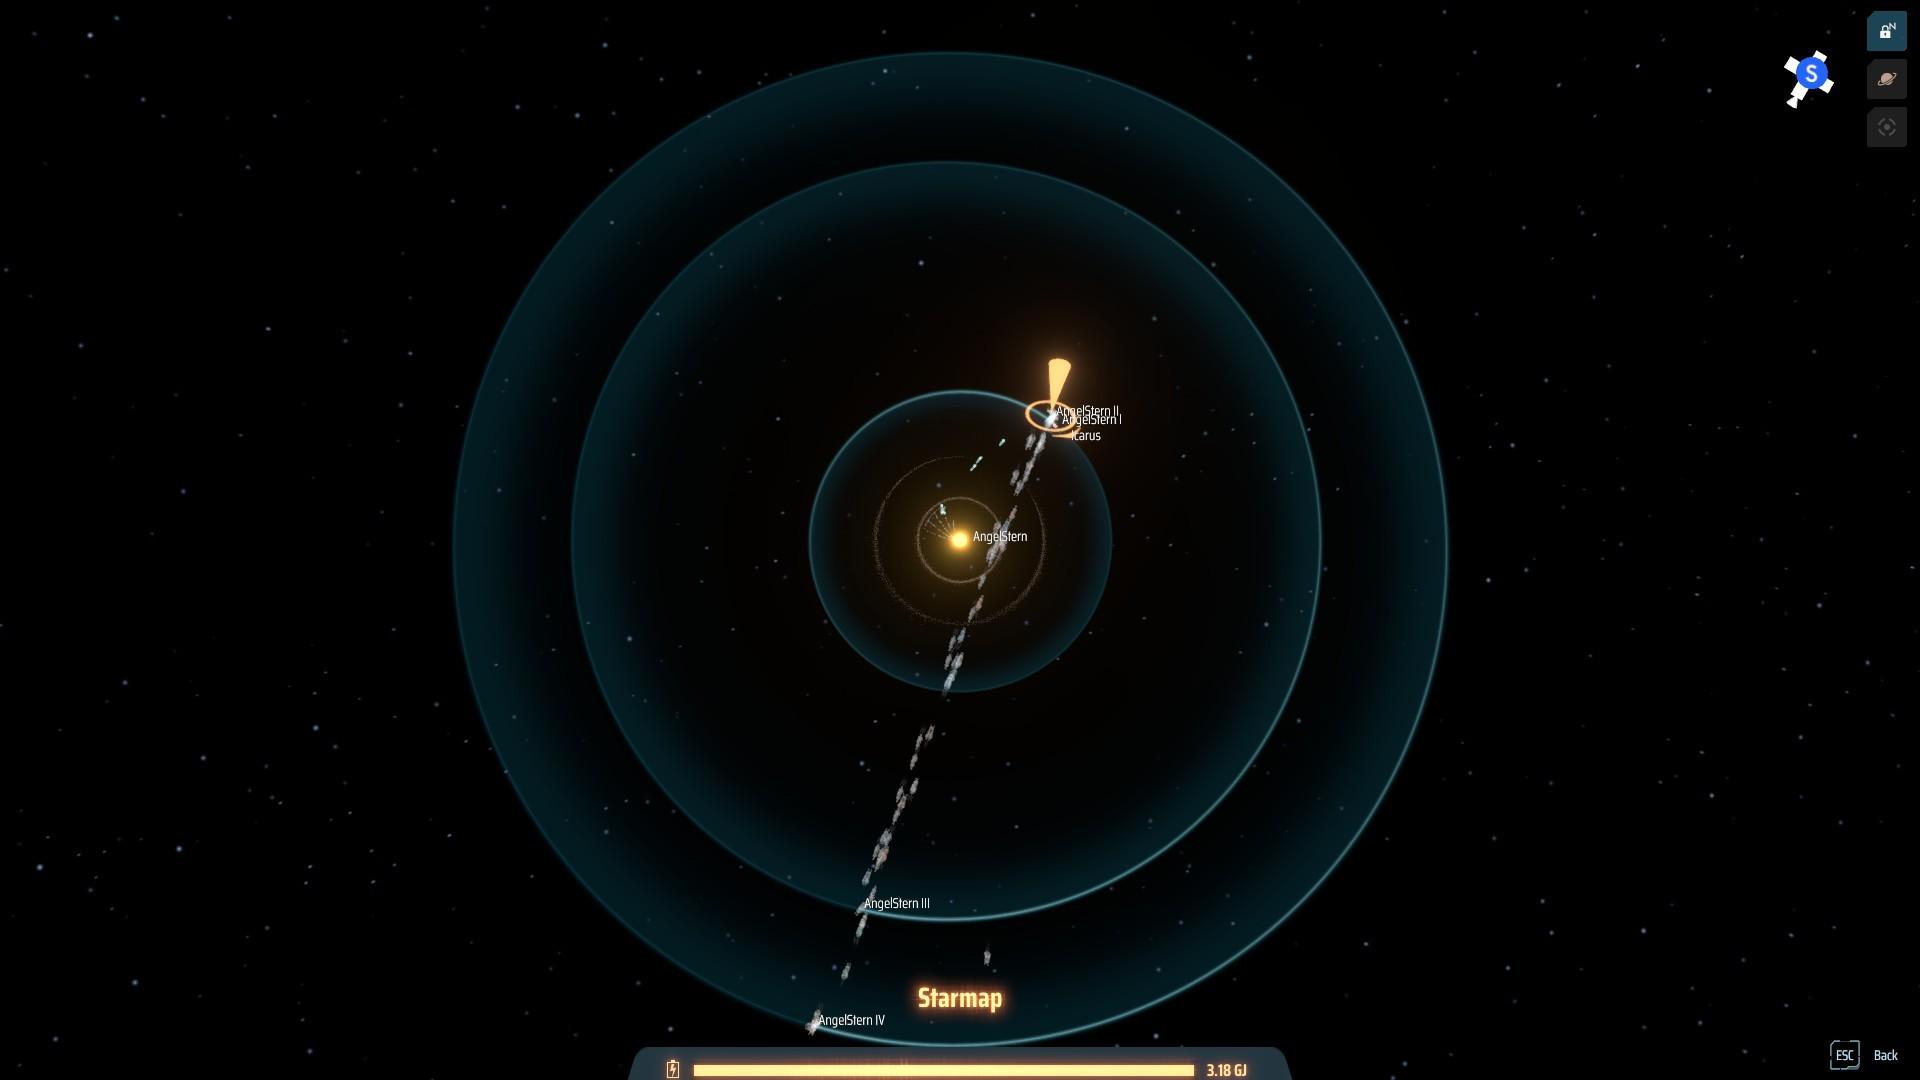 国产科幻沙盒游戏《戴森球计划》明年1月21日发售